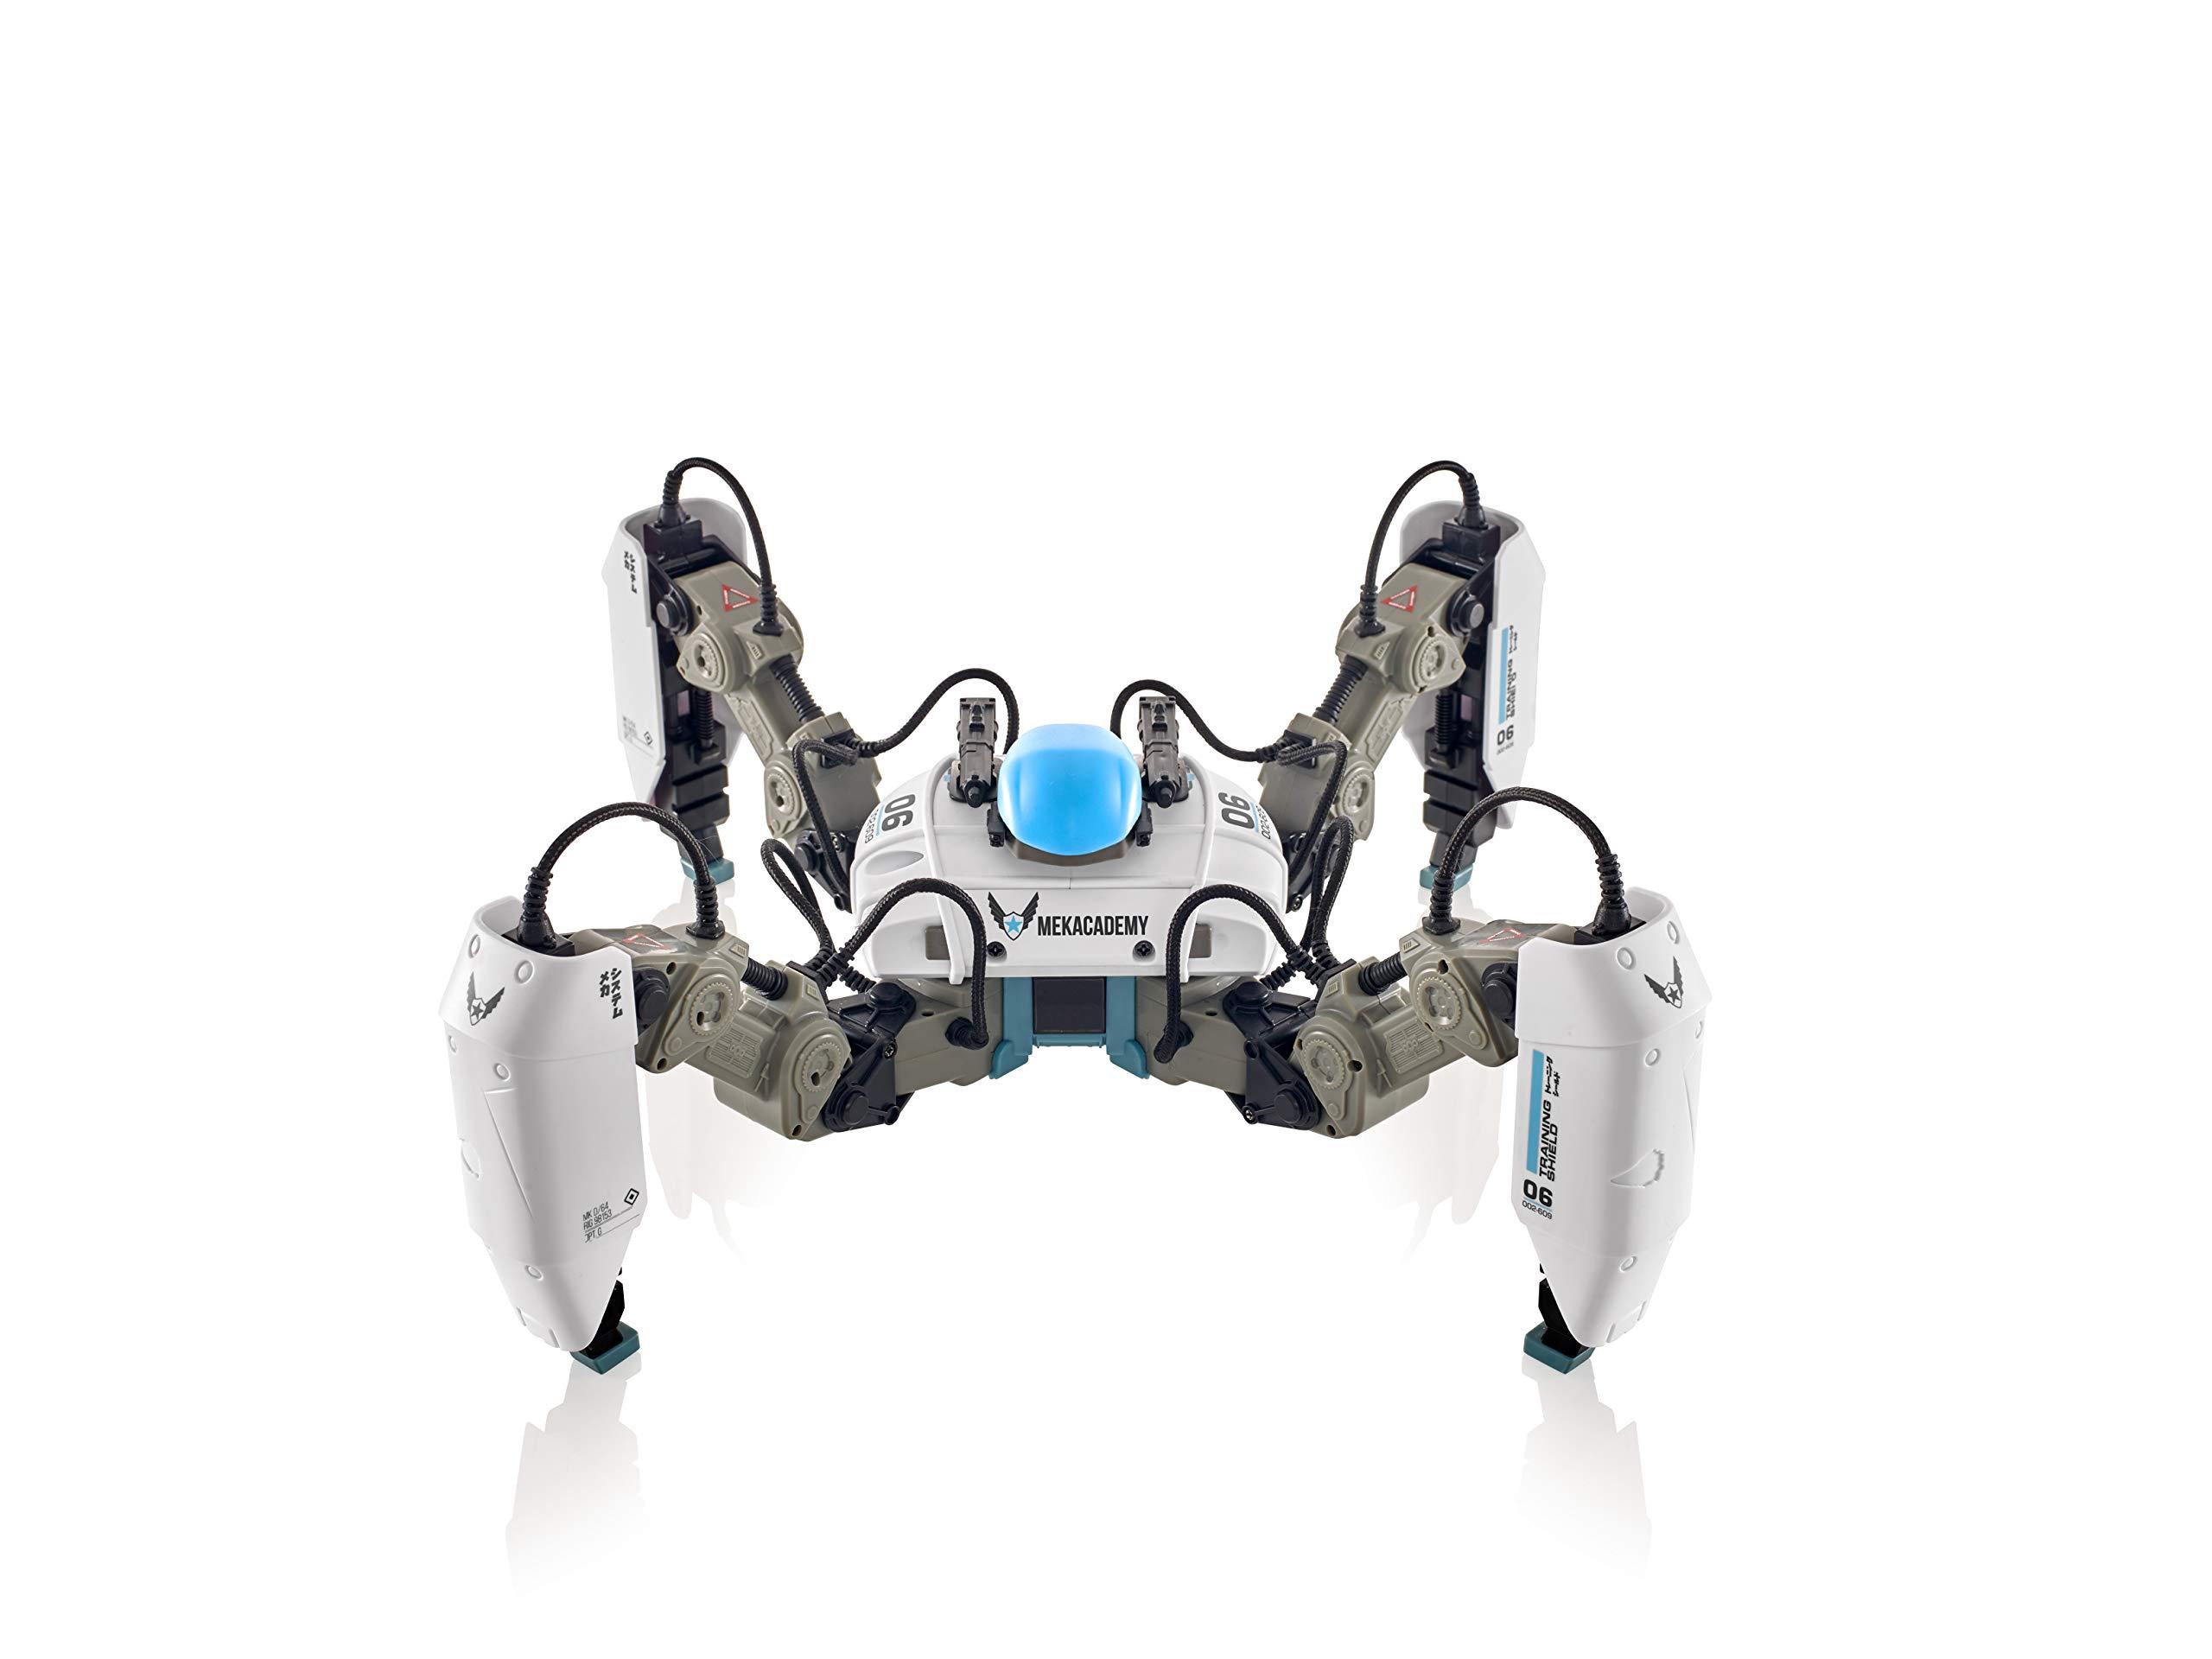 Mekamon Berserker V1 Gaming Robot - US (White) by Mekamon (Image #4)